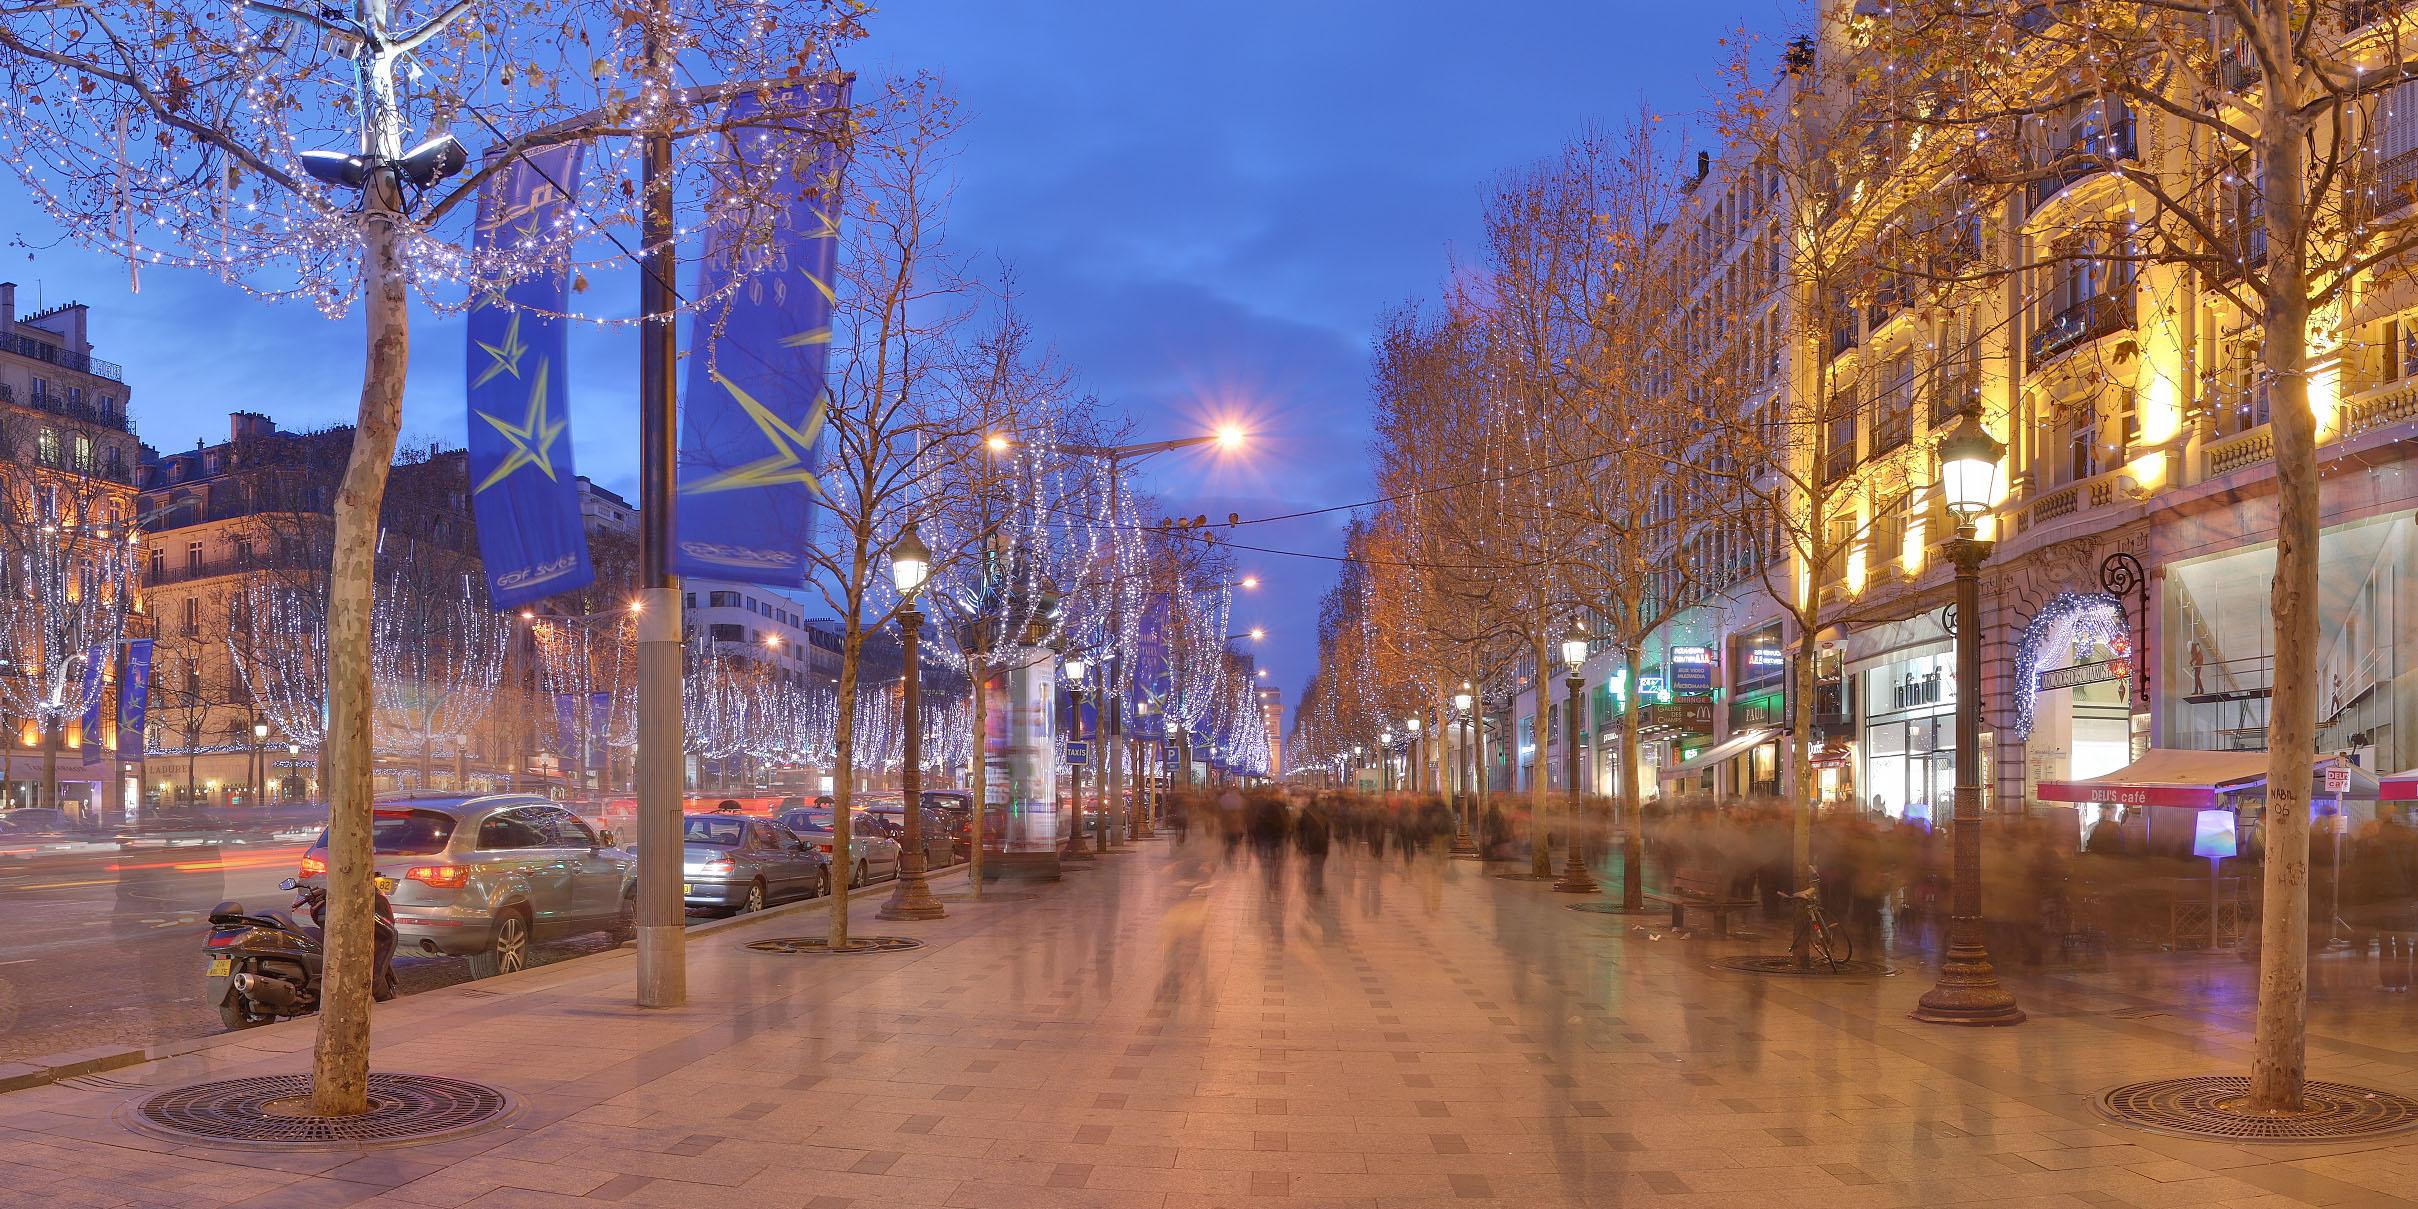 Fusillade sur les Champs-Elysées : l'étrange revendication de Daesh sème le doute